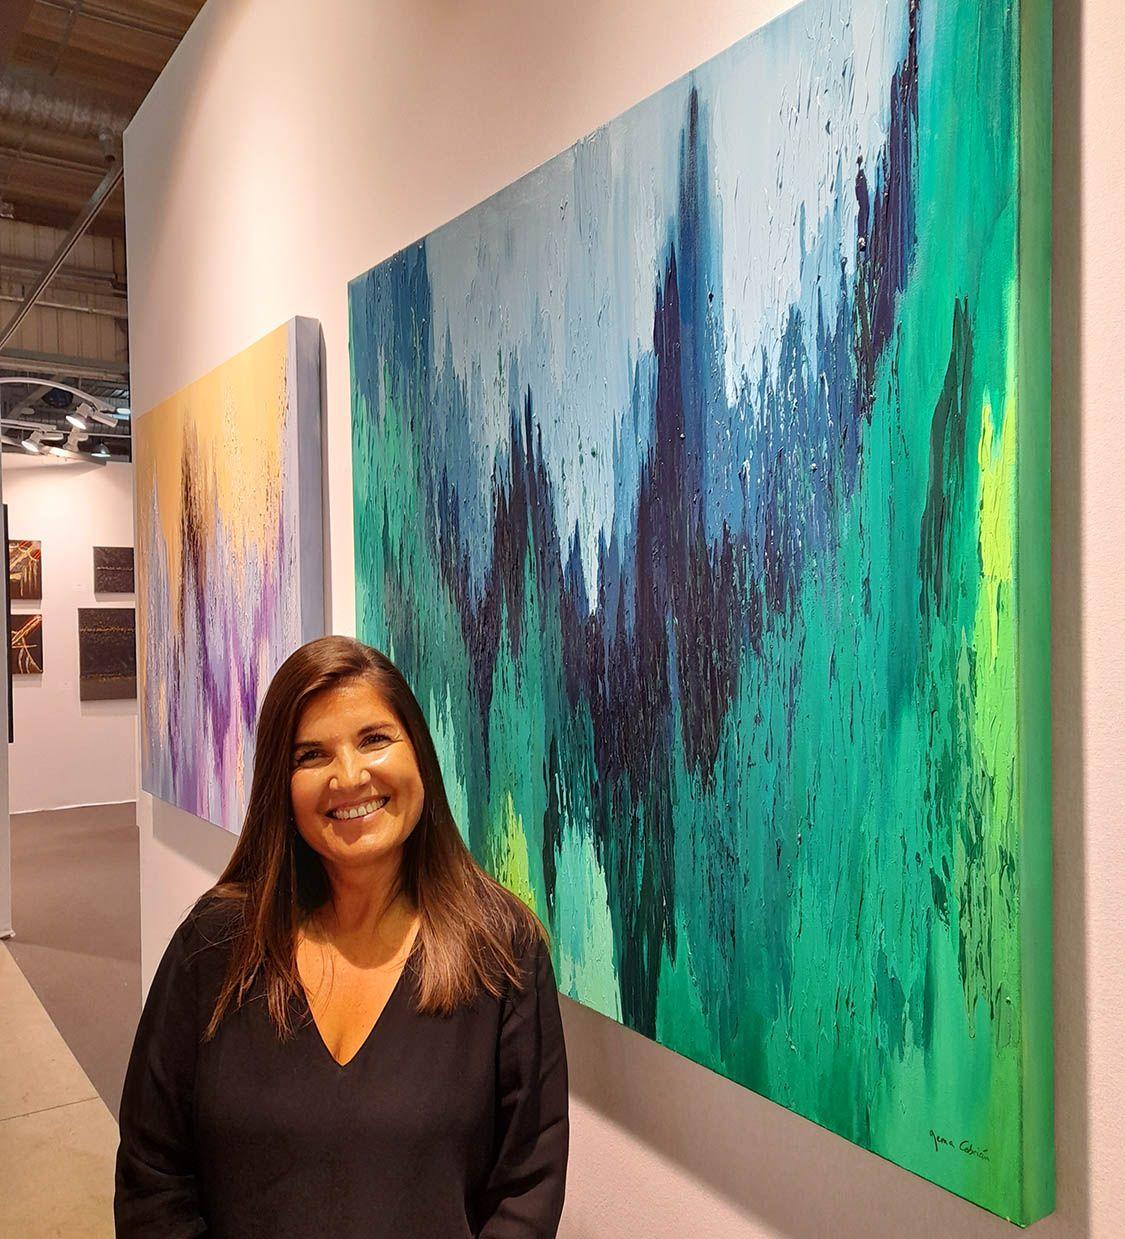 Gema Cebrián expone en la Feria Internacional de Arte Contemporáneo de Luxemburgo Art3f